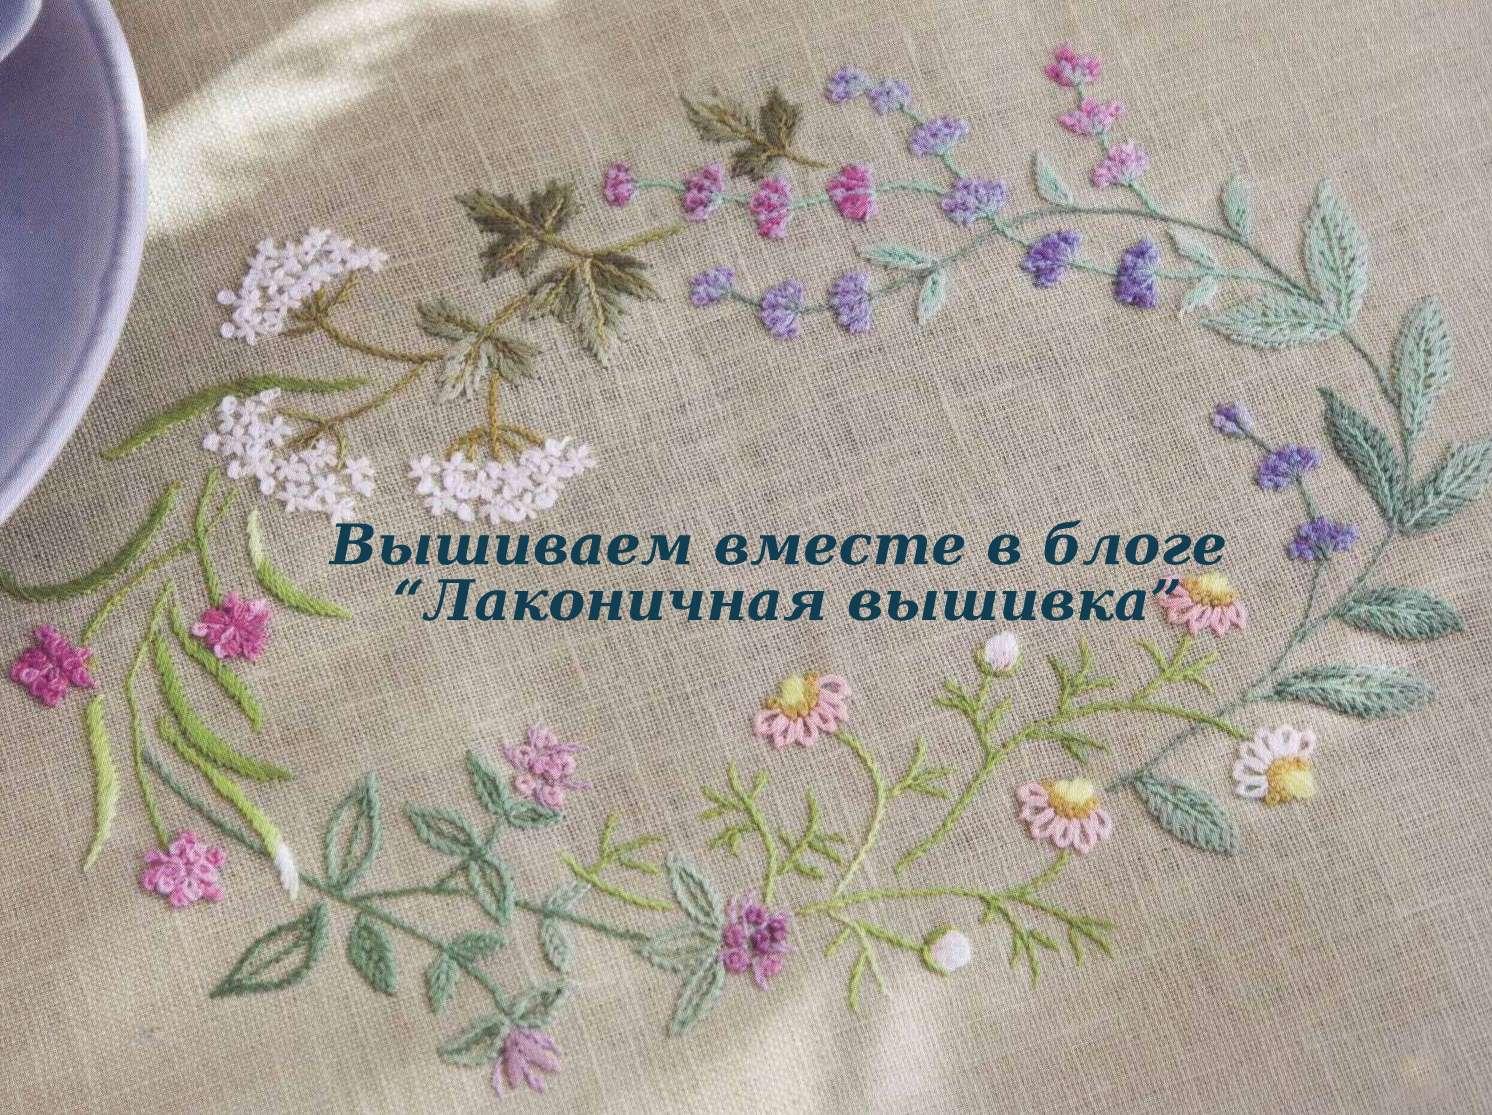 блог Лаконичная вышивка